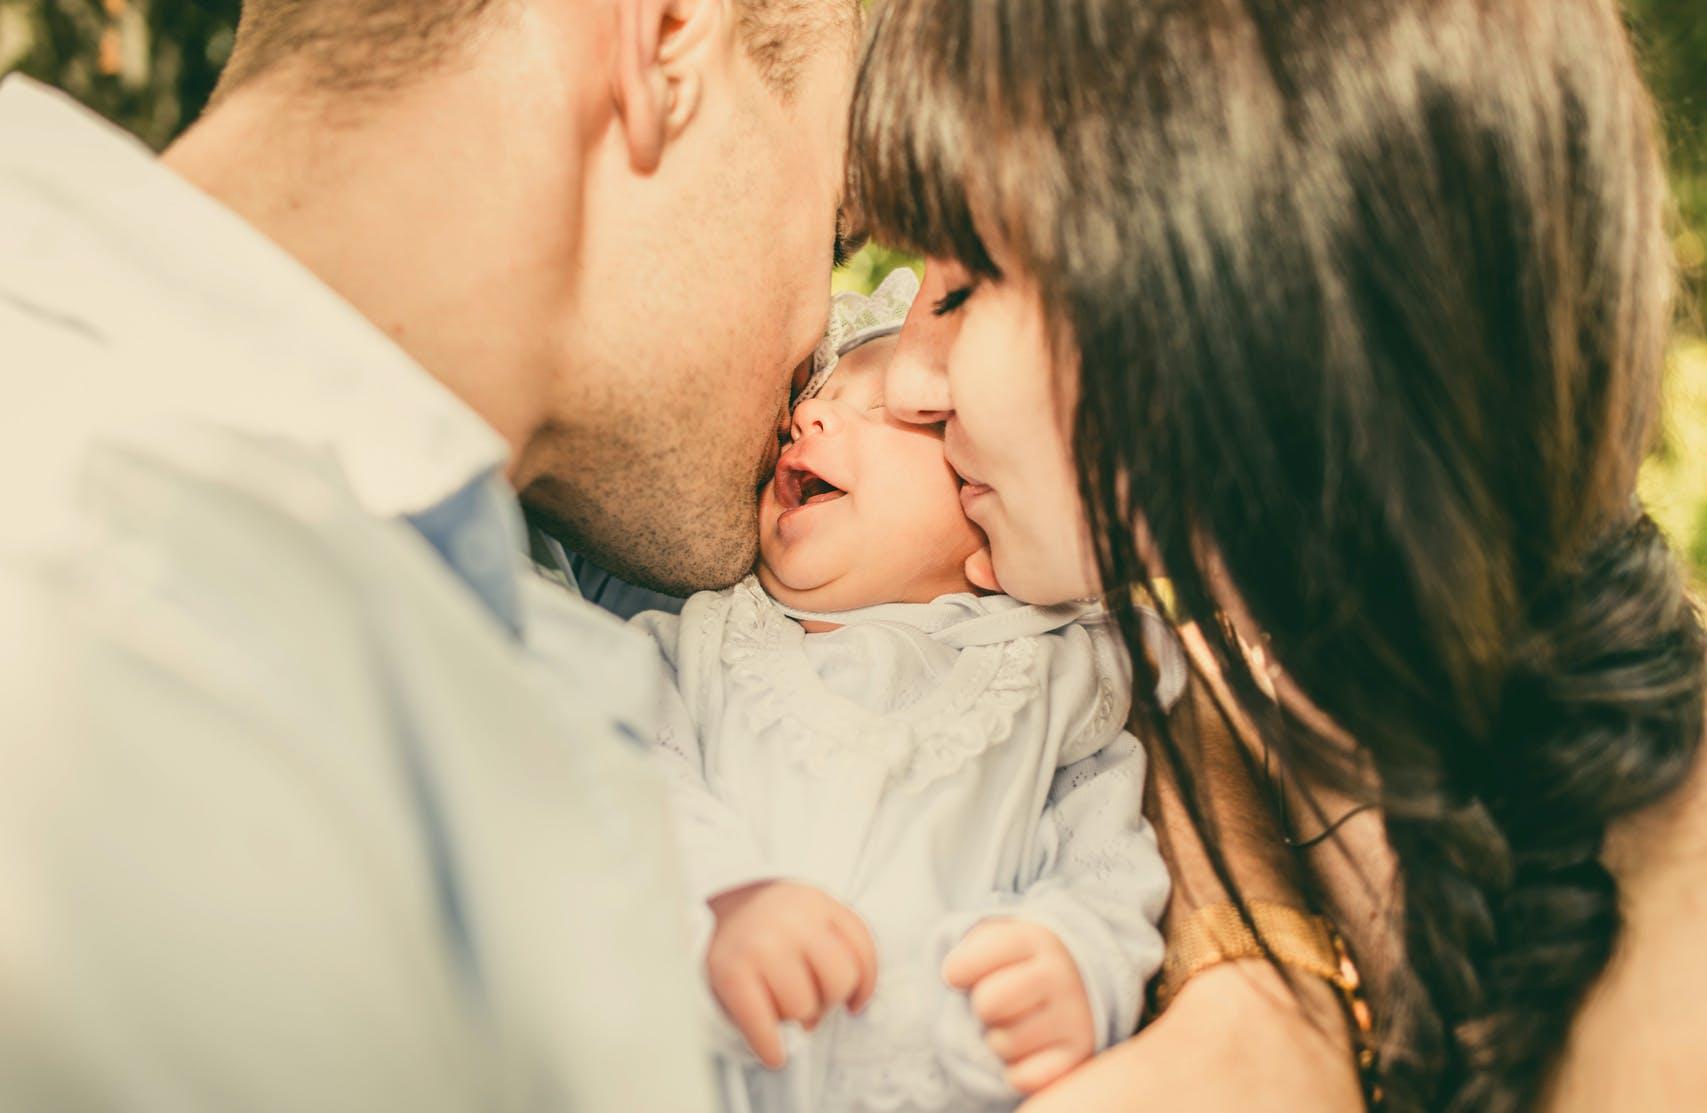 Eveil Stimuler Bebe Sans Le Brusquer Parents Fr